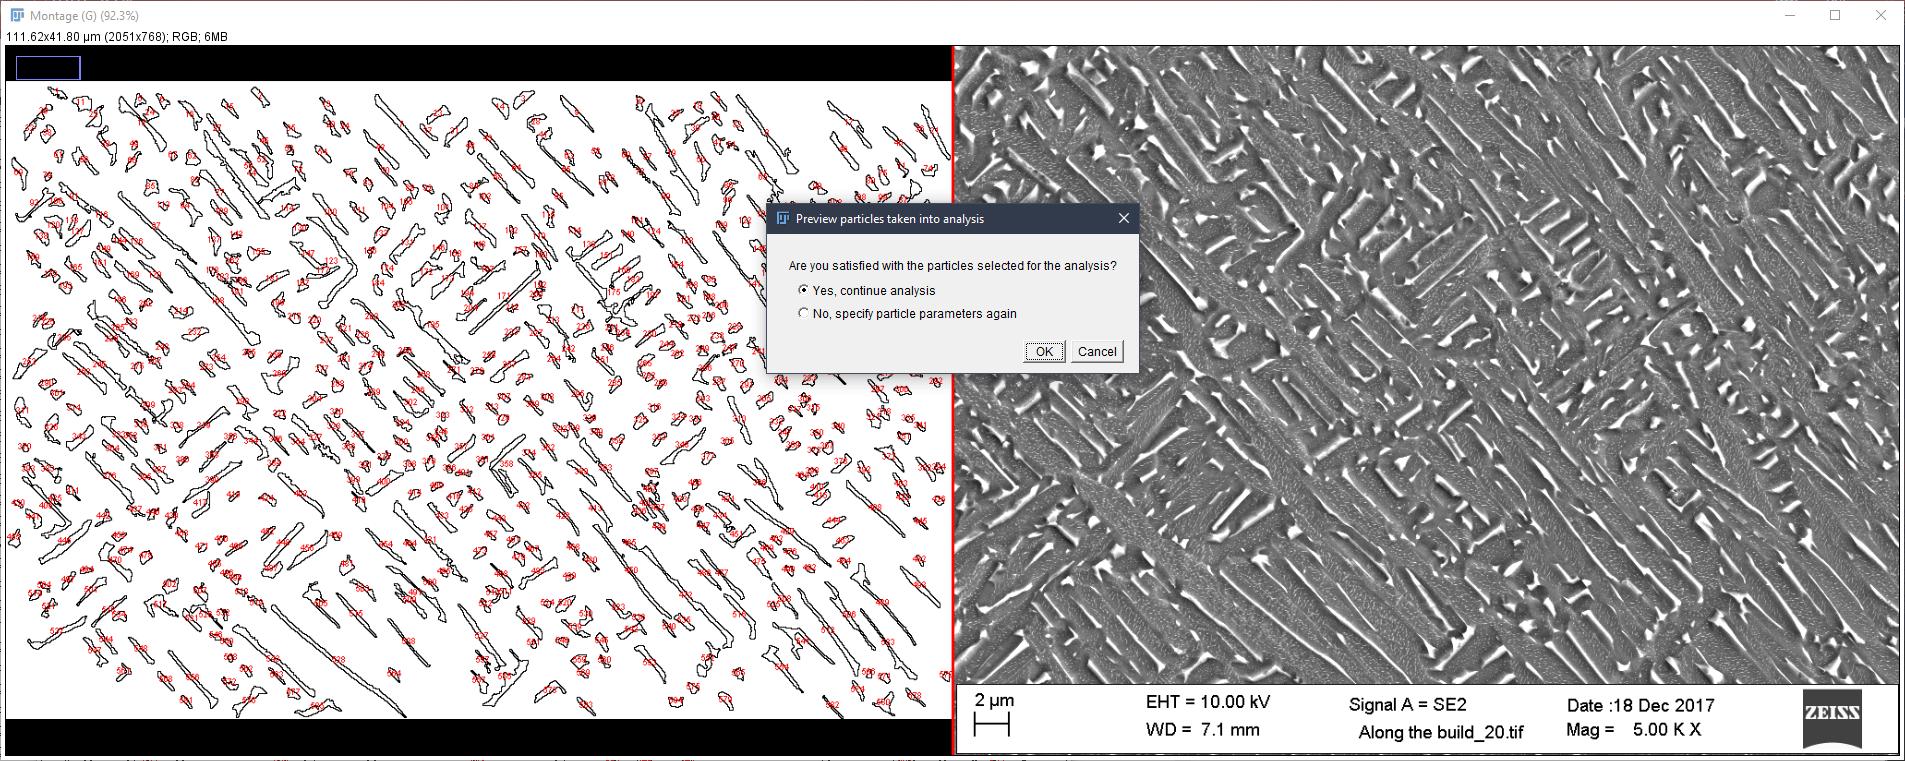 Particle verification